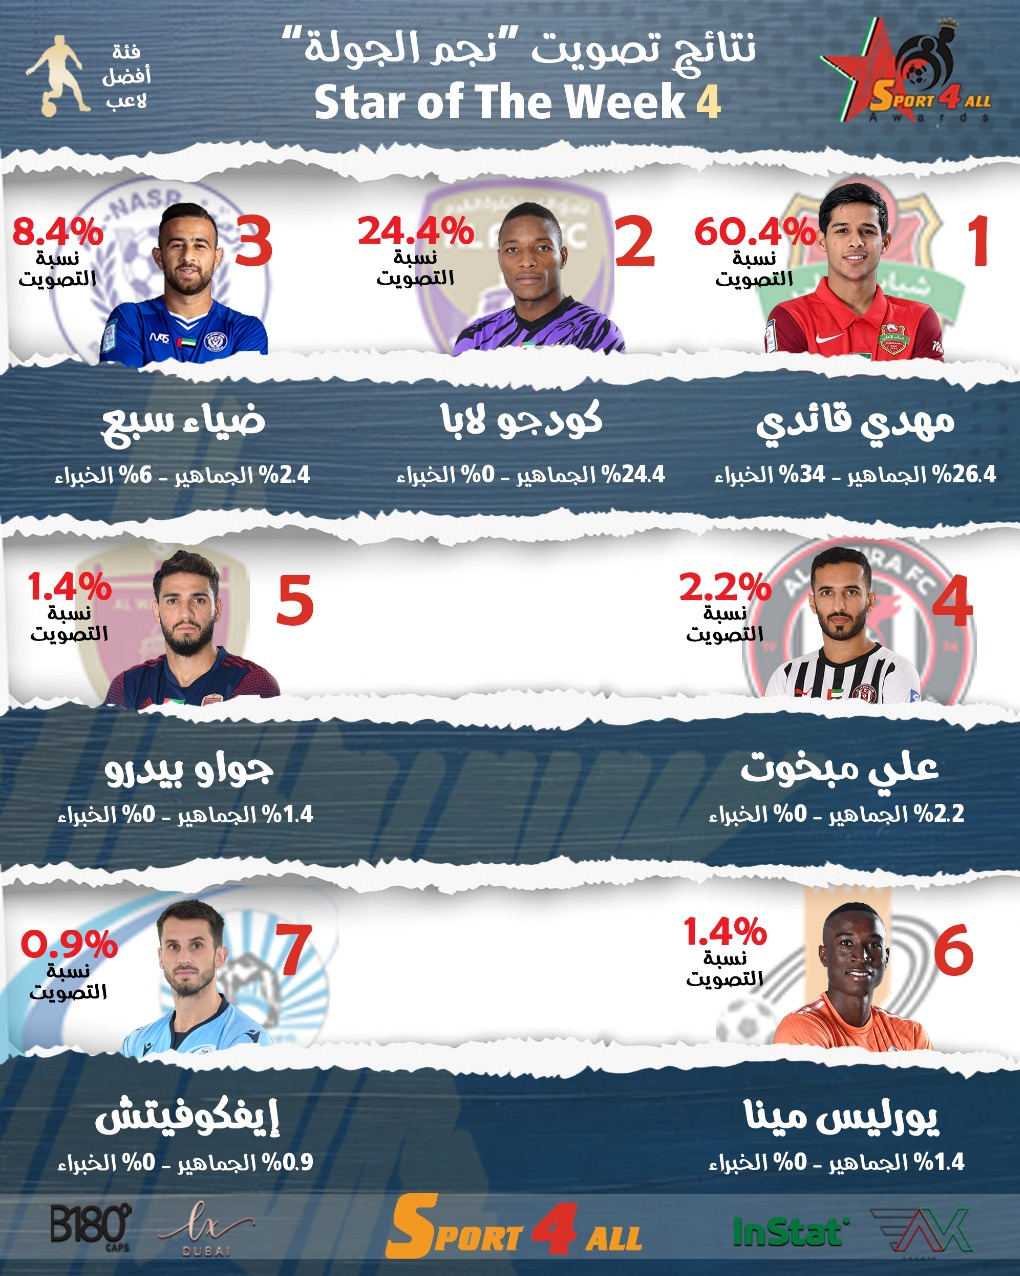 قایدی بهترین بازیکن هفته لیگ امارات شد/عکس